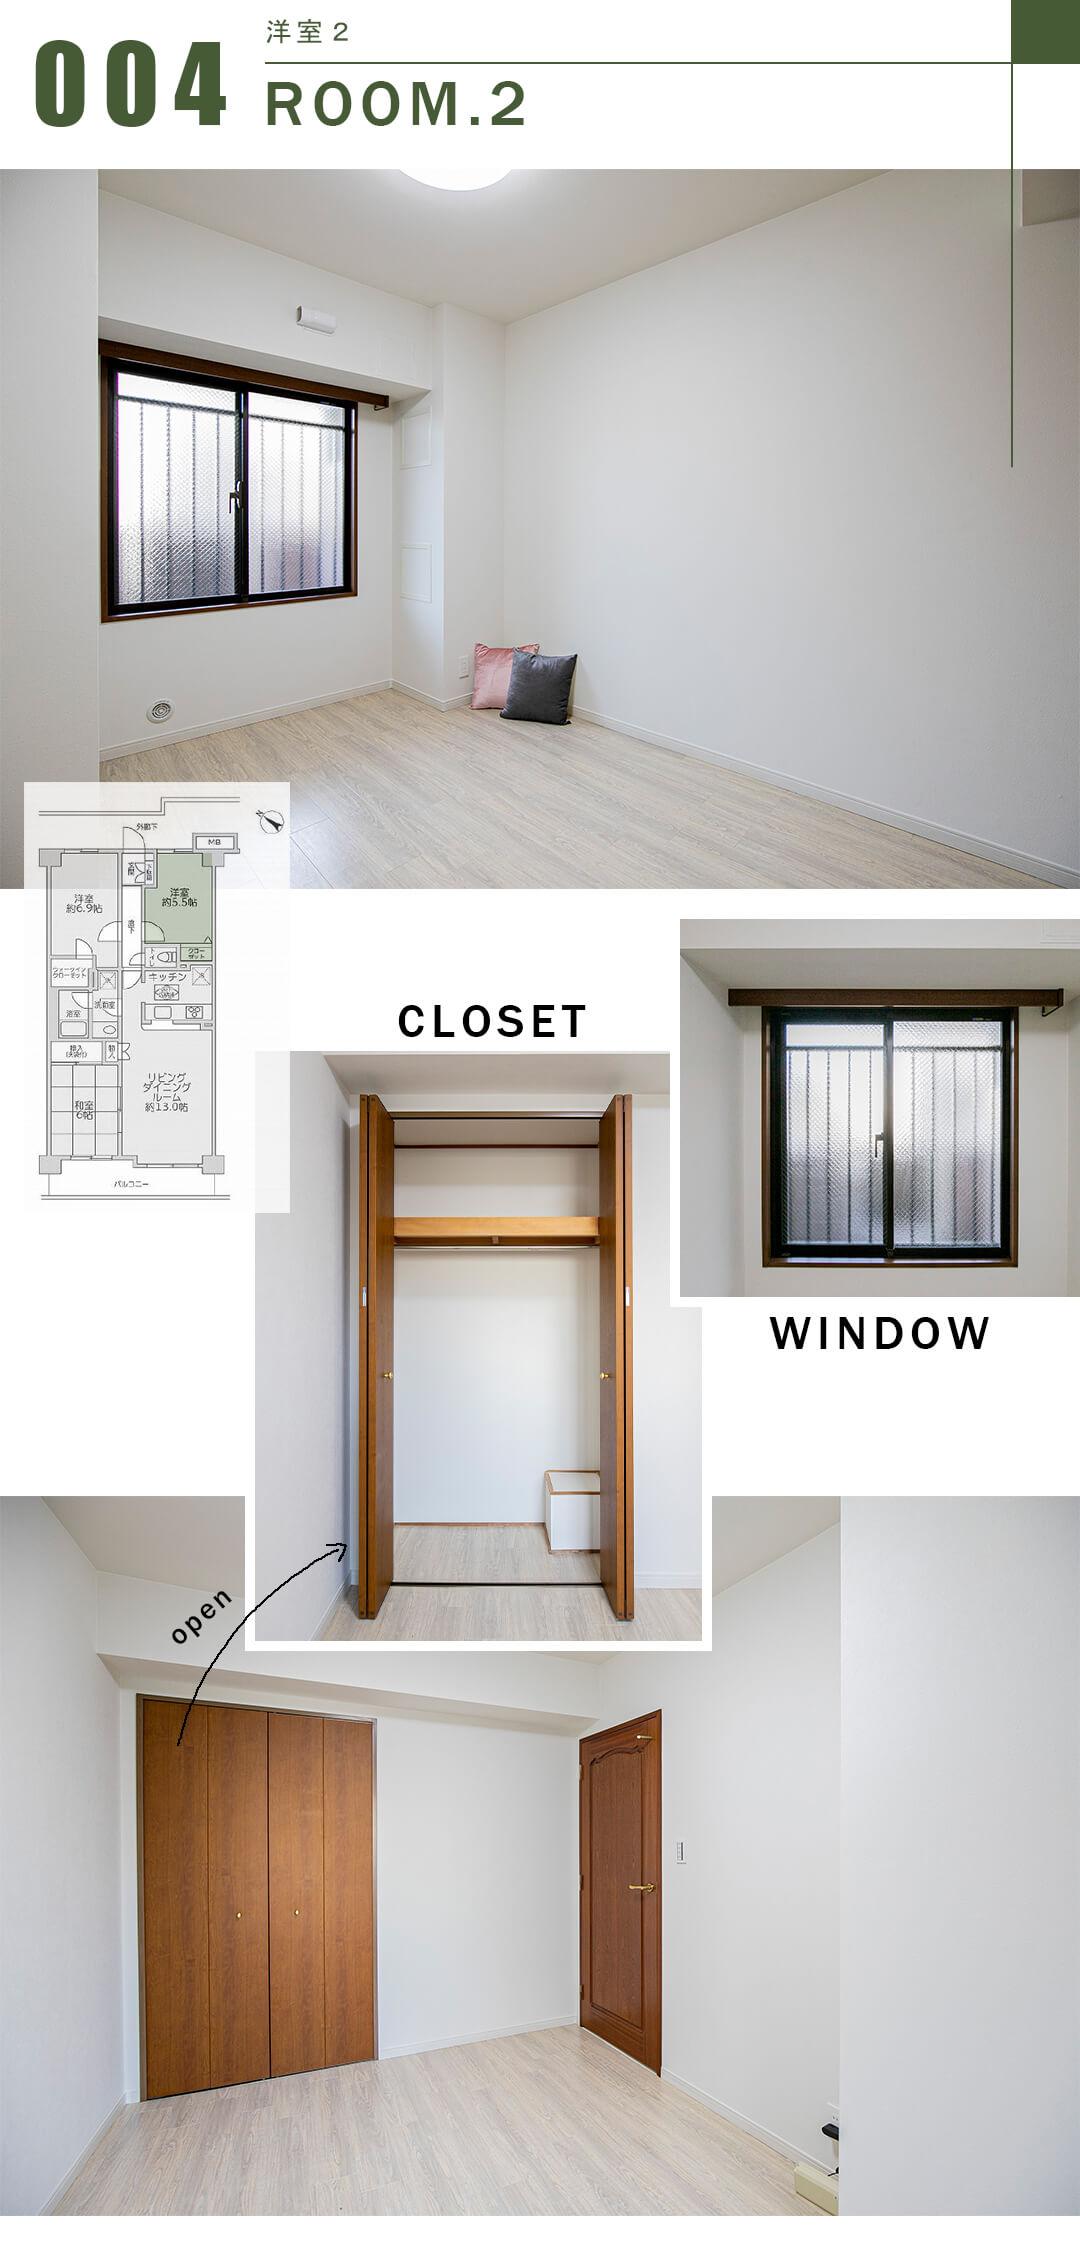 ガーデンホーム幡ヶ谷の洋室